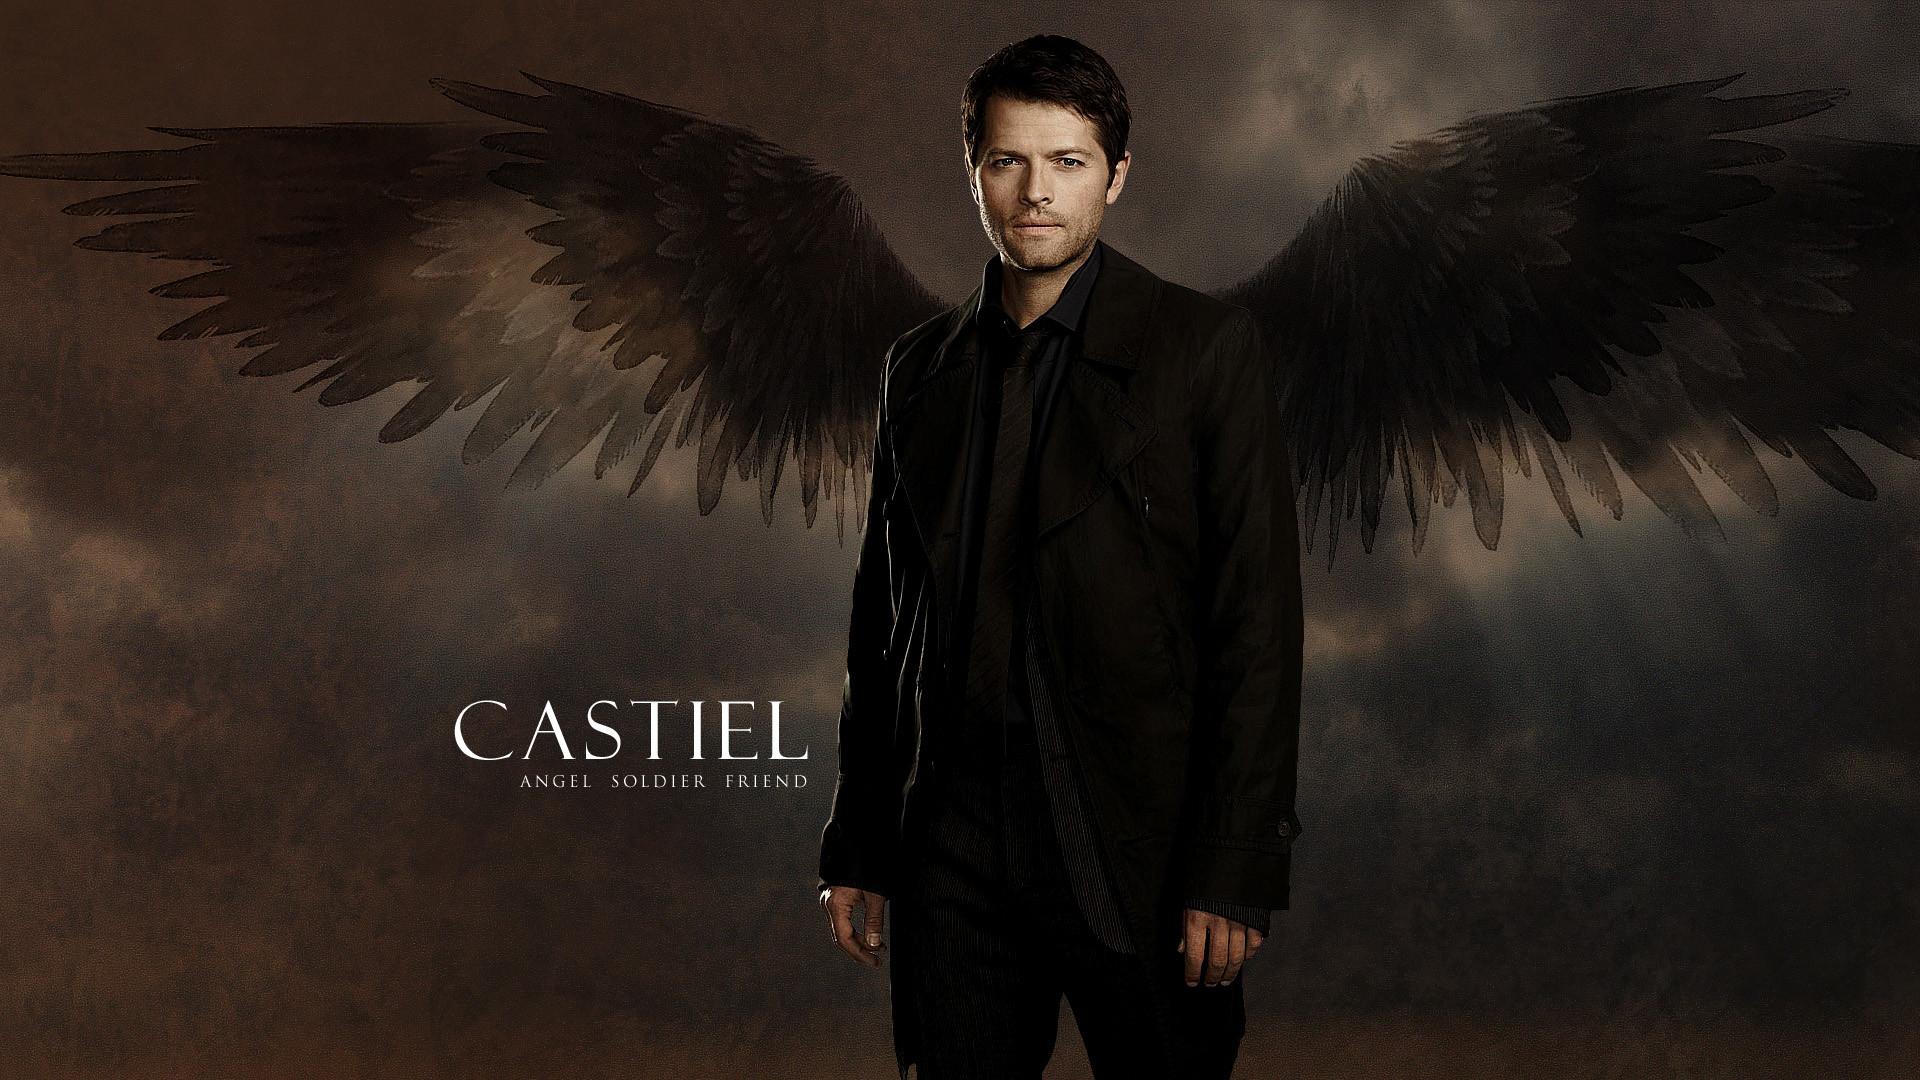 supernatural wallpaper castiel | Wallpaper: Castiel by KajatheDog on  deviantART | Castiel82074 | Pinterest | Castiel, Supernatural wallpaper and  …